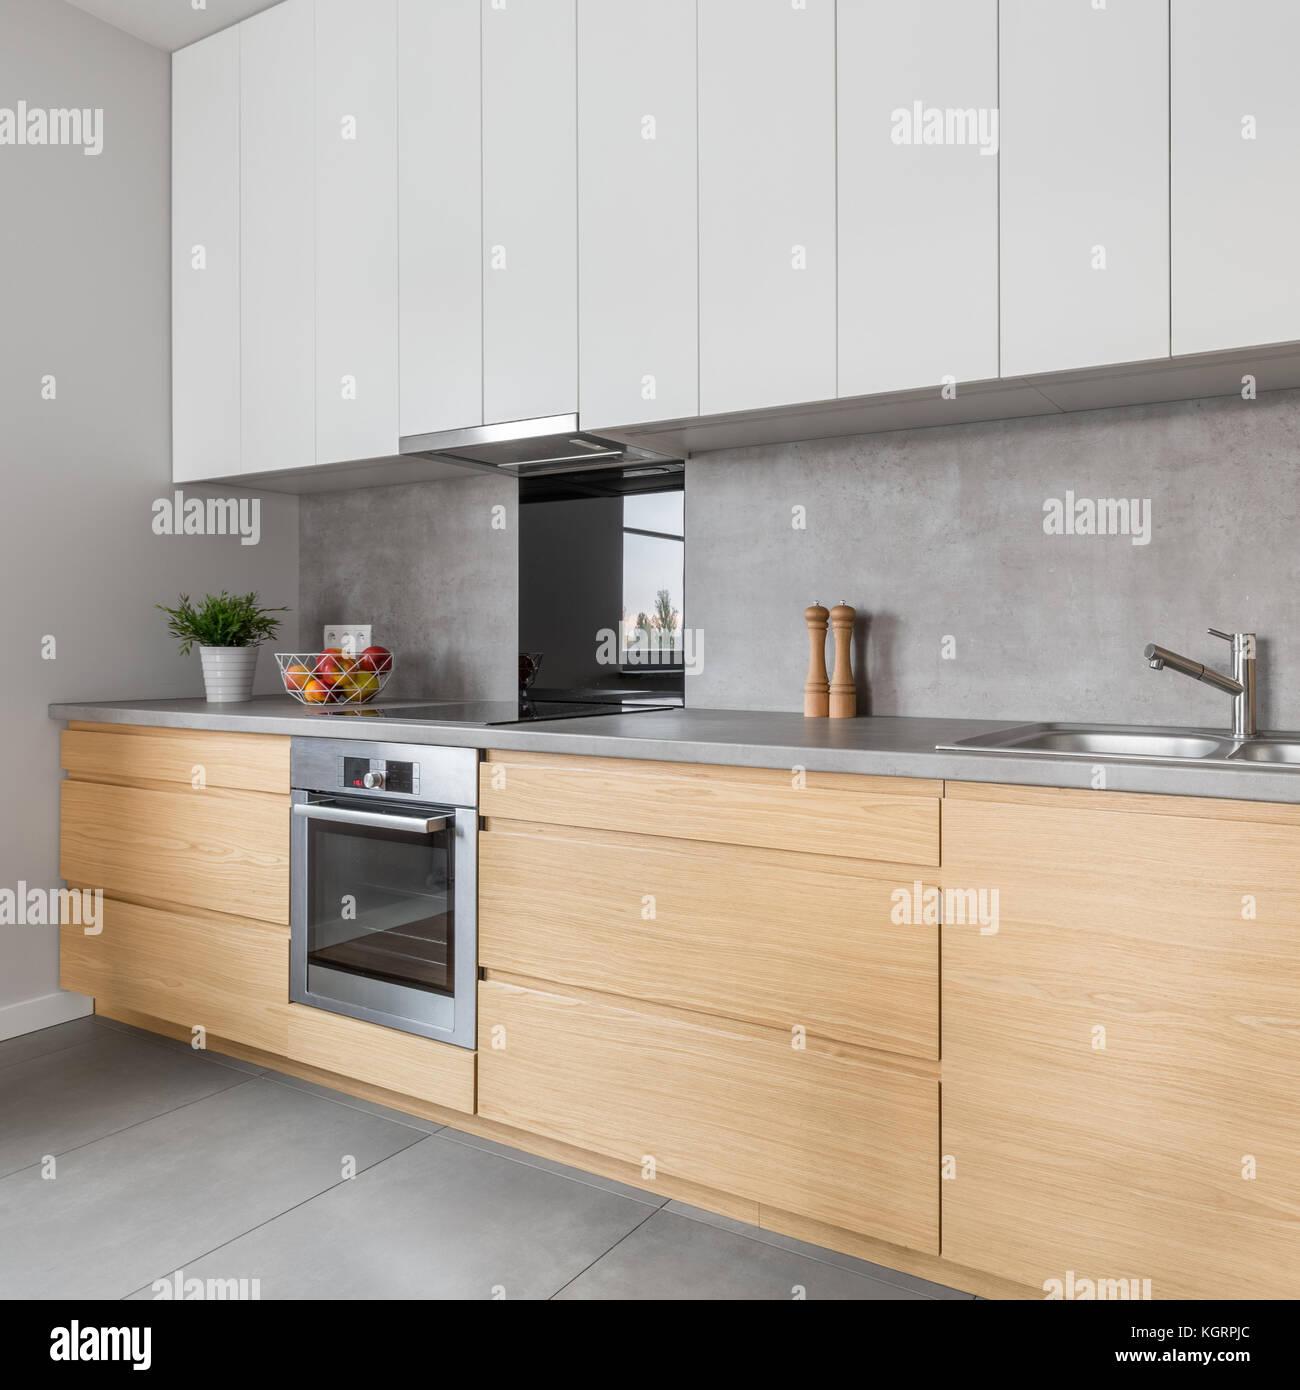 Zwei farbige Küchen Arbeitsplatte mit Beton und Stahl Geräte ...